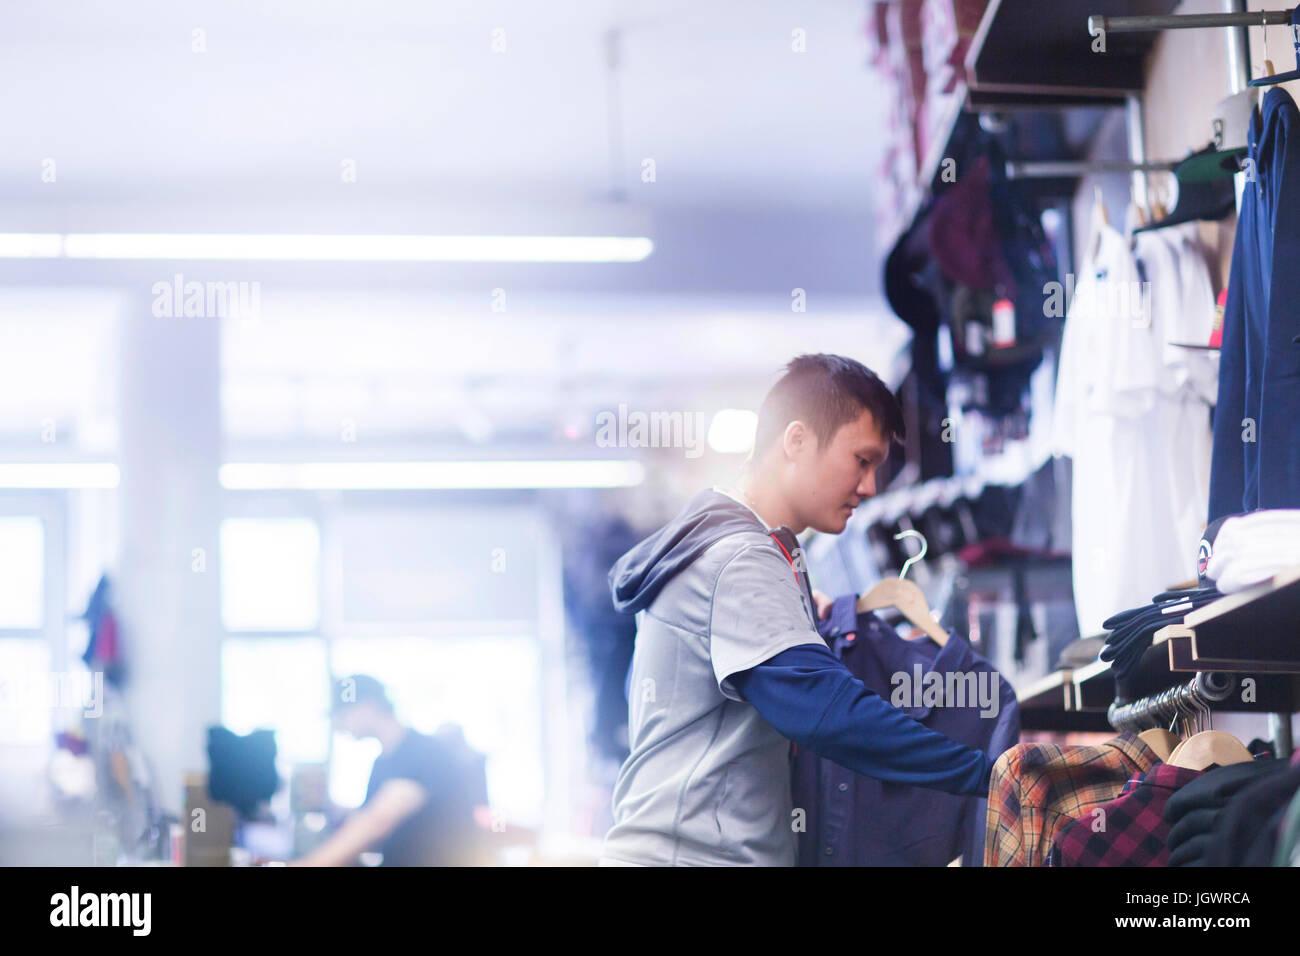 Jeune homme à la chemise à la planche de skateboard shop Photo Stock